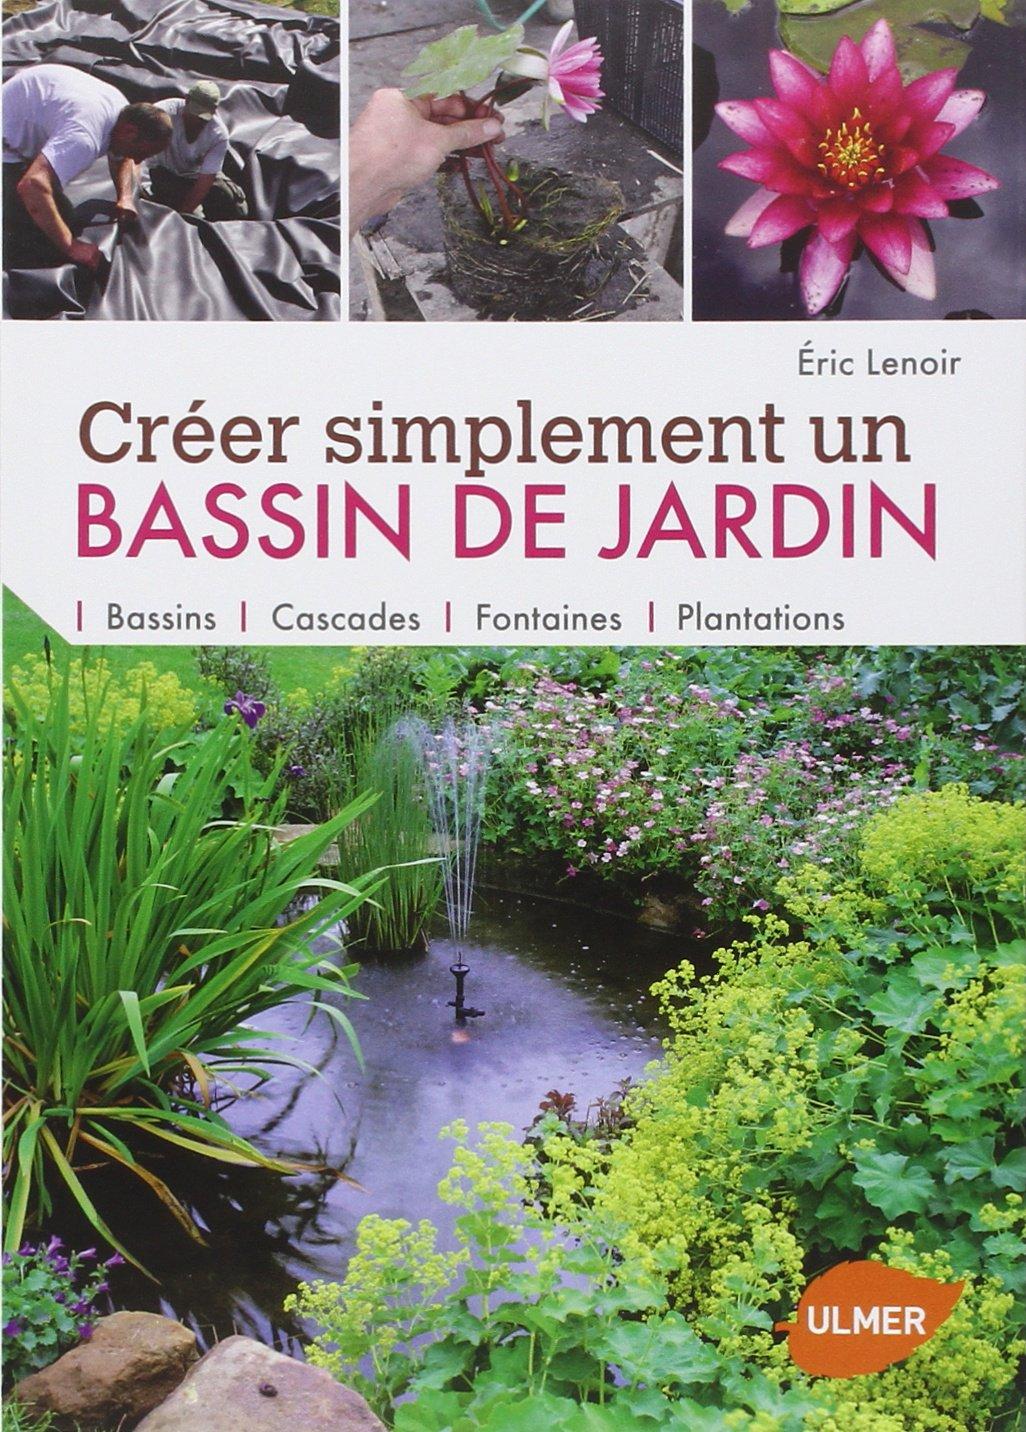 Amazon.fr - Créer simplement un bassin de jardin - Eric Lenoir - Livres